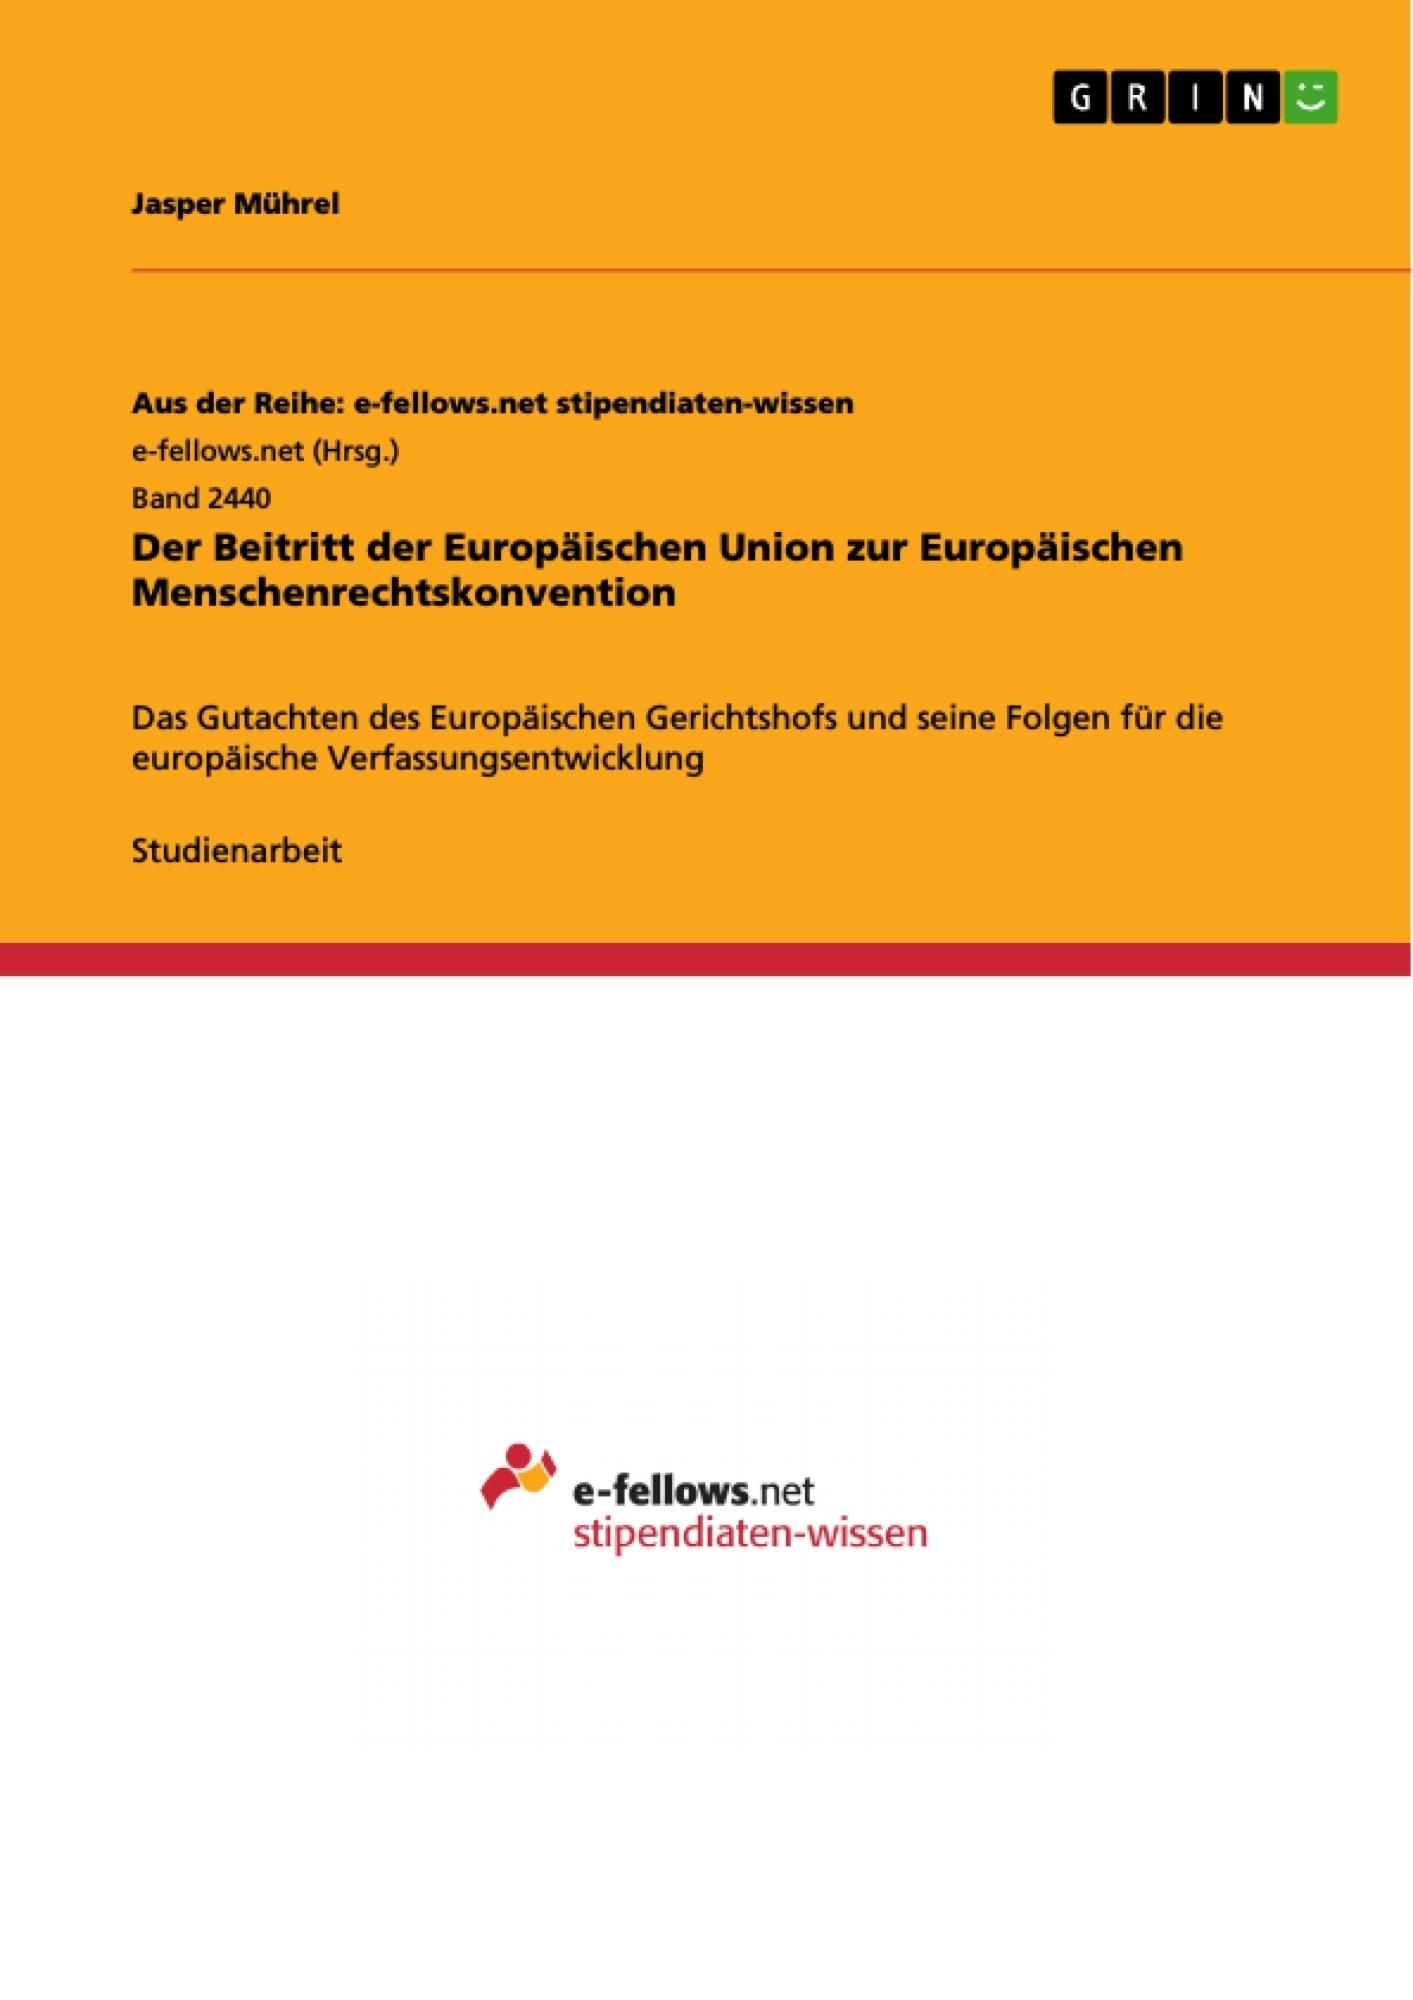 Titel: Der Beitritt der Europäischen Union zur Europäischen Menschenrechtskonvention